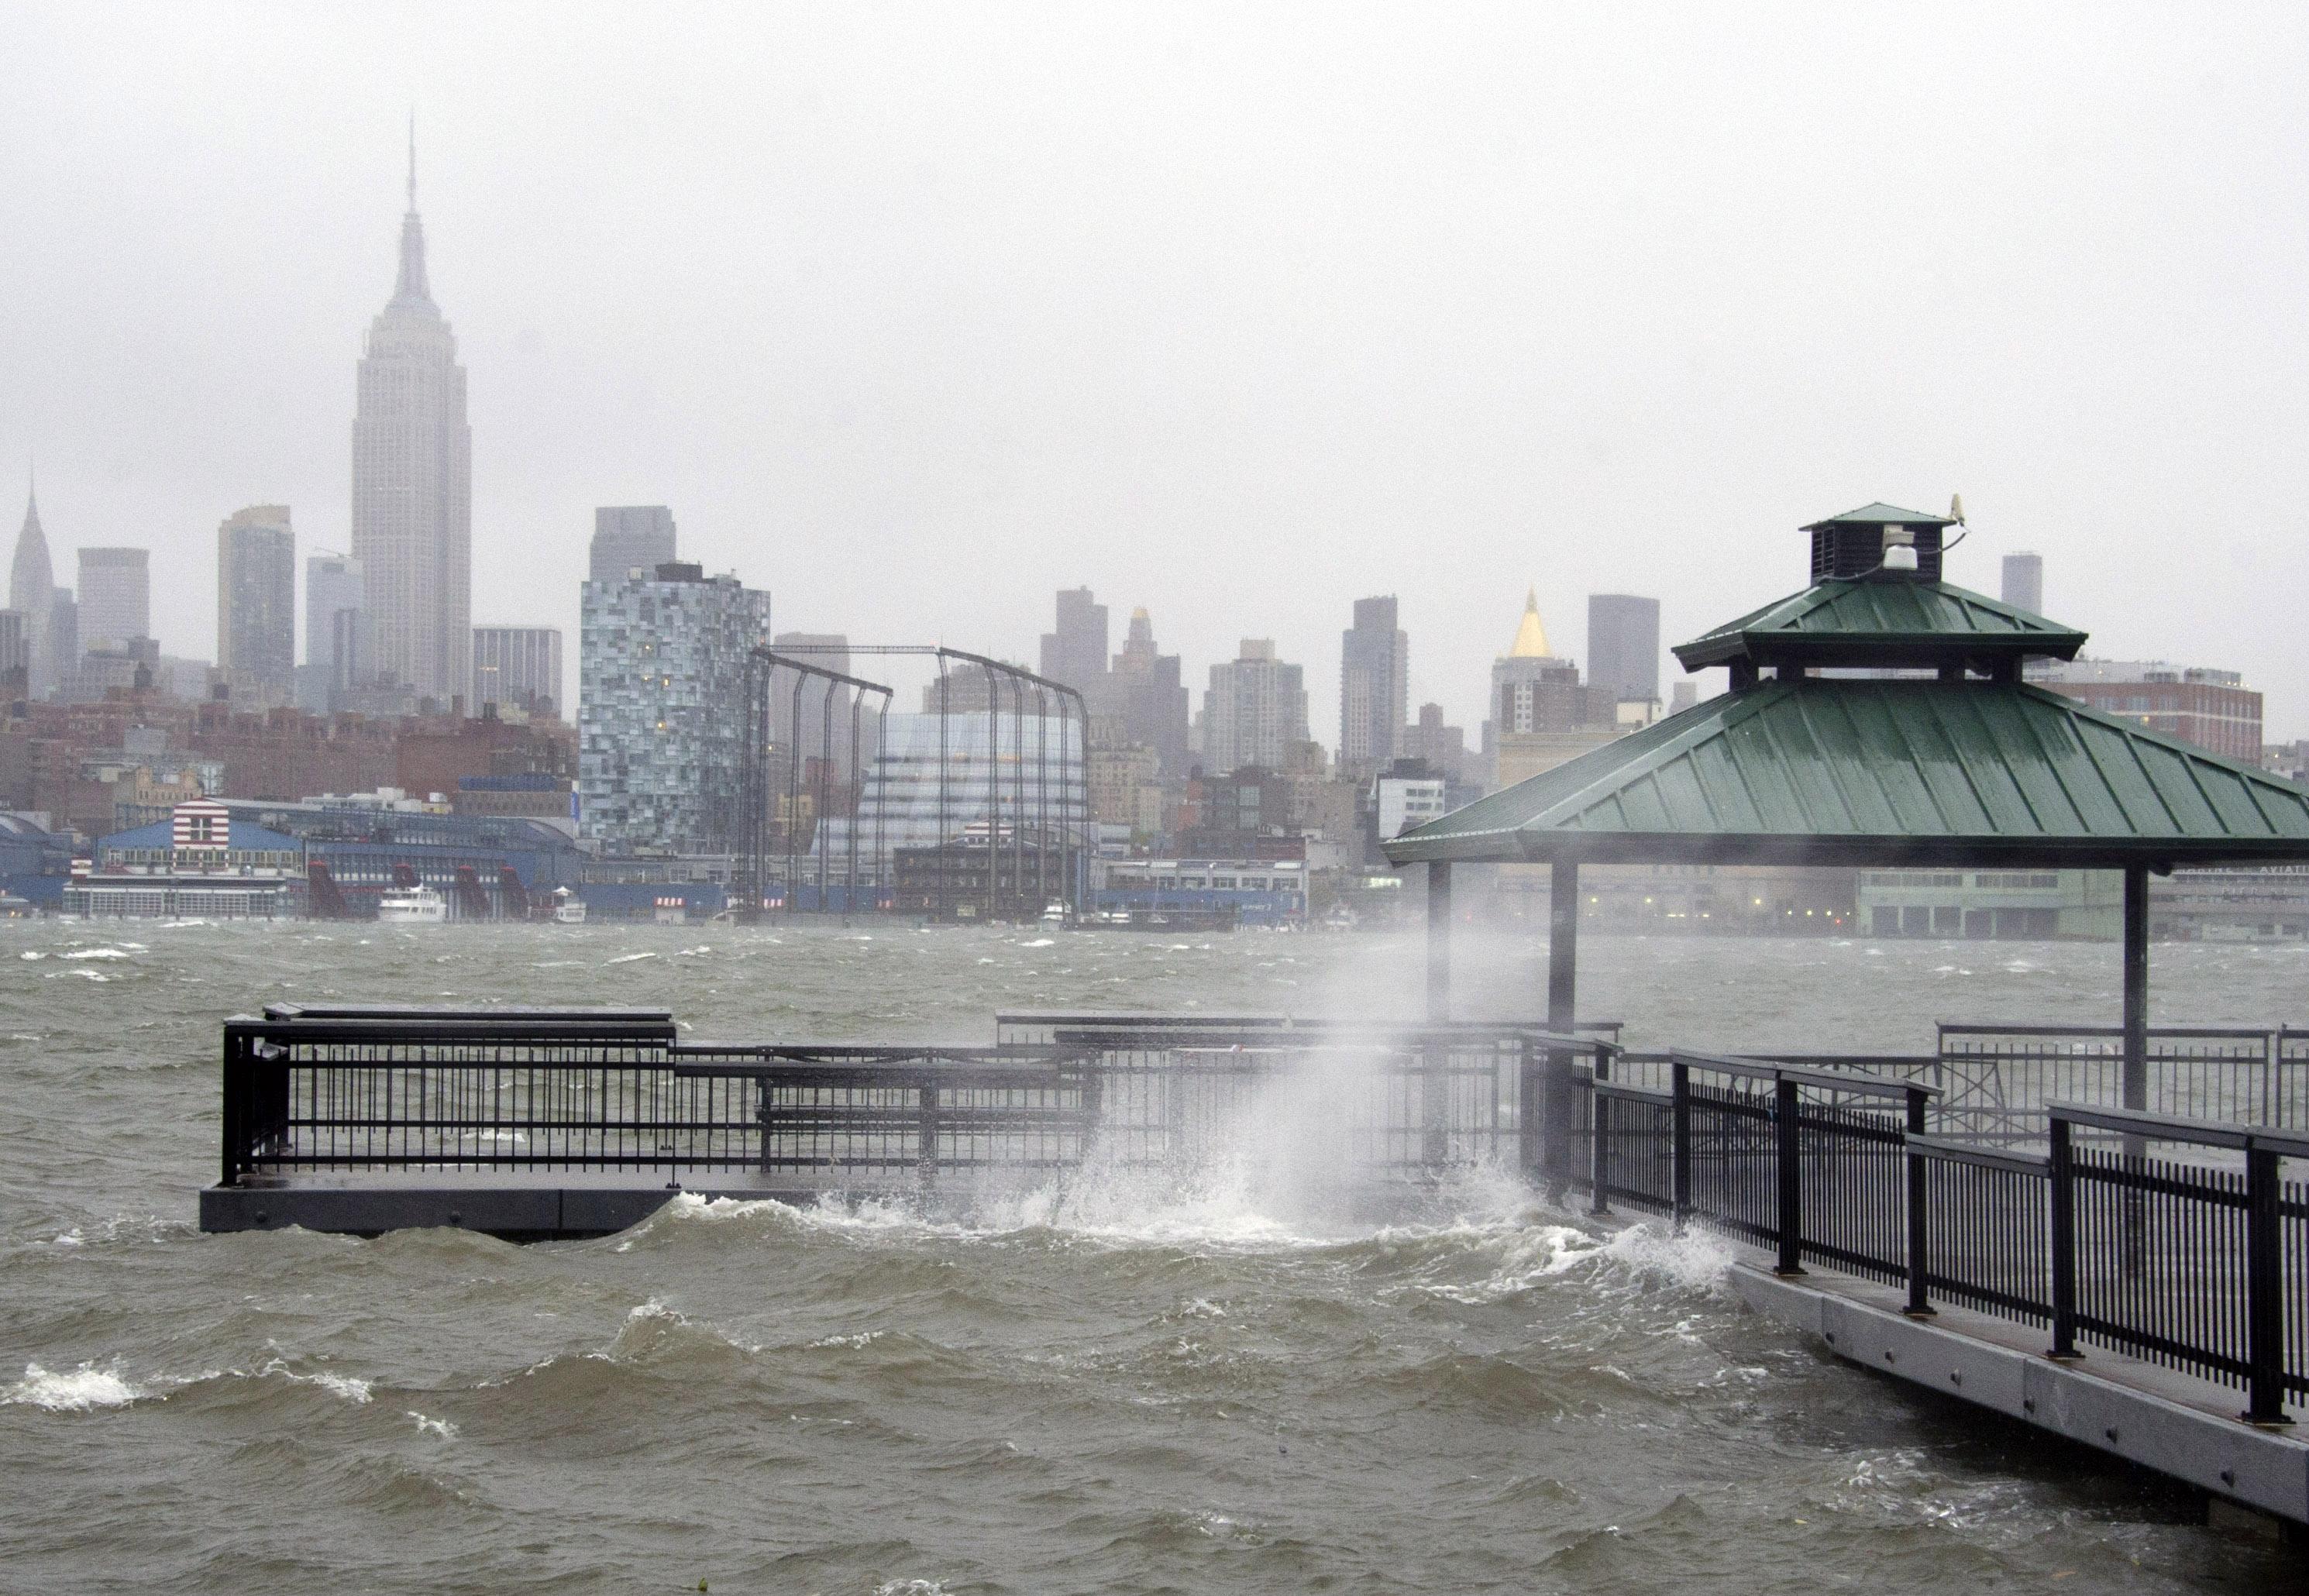 los efectos del huracán sandy en nueva york